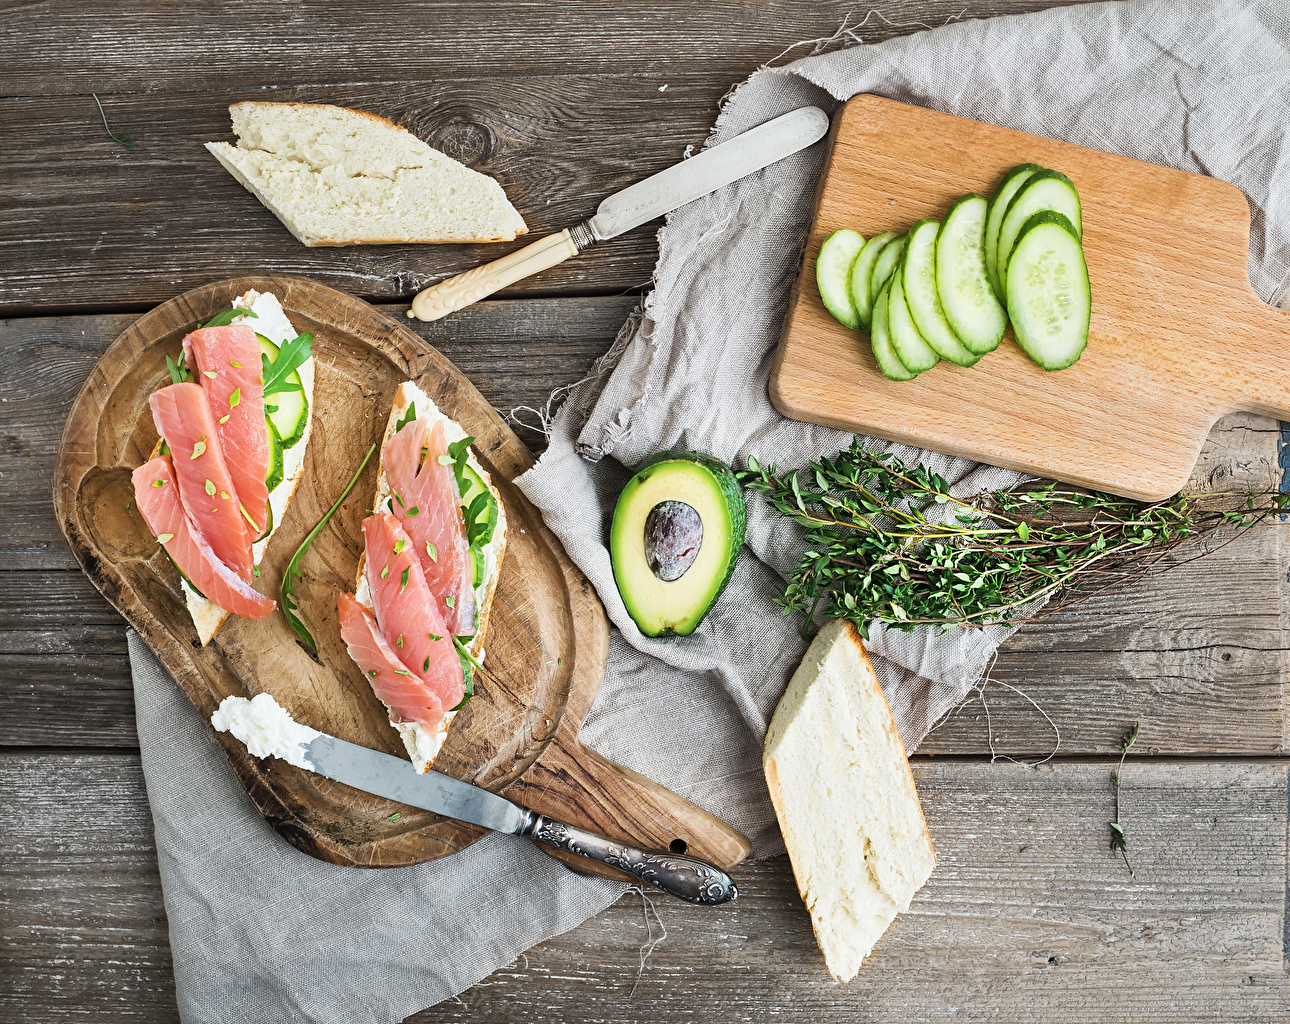 Картинка ножик Огурцы Хлеб Рыба Авокадо бутерброд Еда разделочной доске Доски Нож Бутерброды Пища Продукты питания Разделочная доска